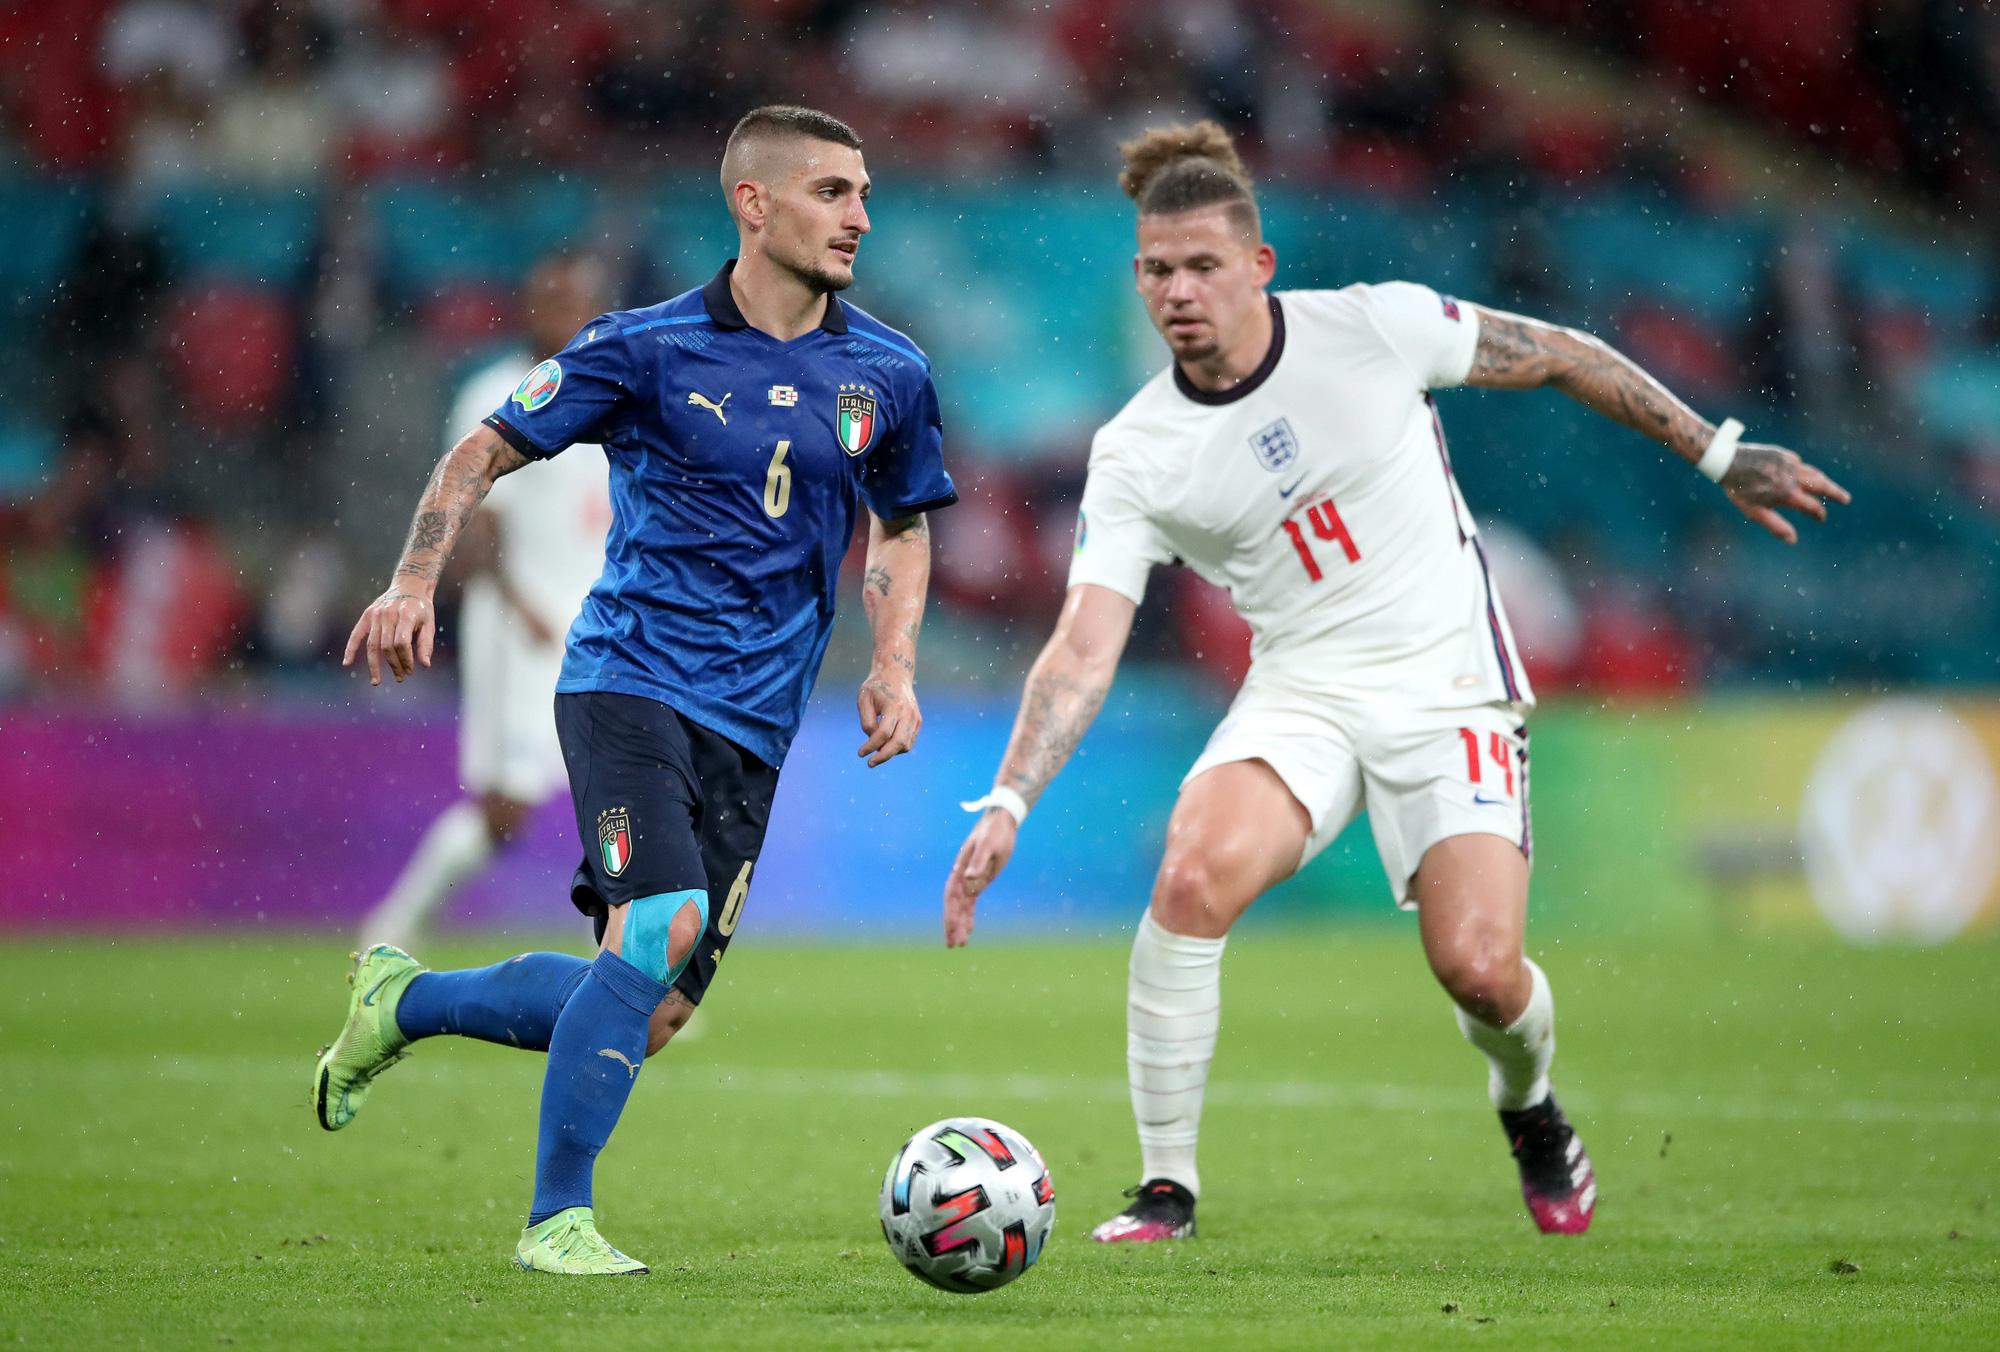 """Chấm điểm cầu thủ Italy vs Anh: """"Siêu nhân"""" mang tên Gianluigi Donnarumma - Ảnh 7."""